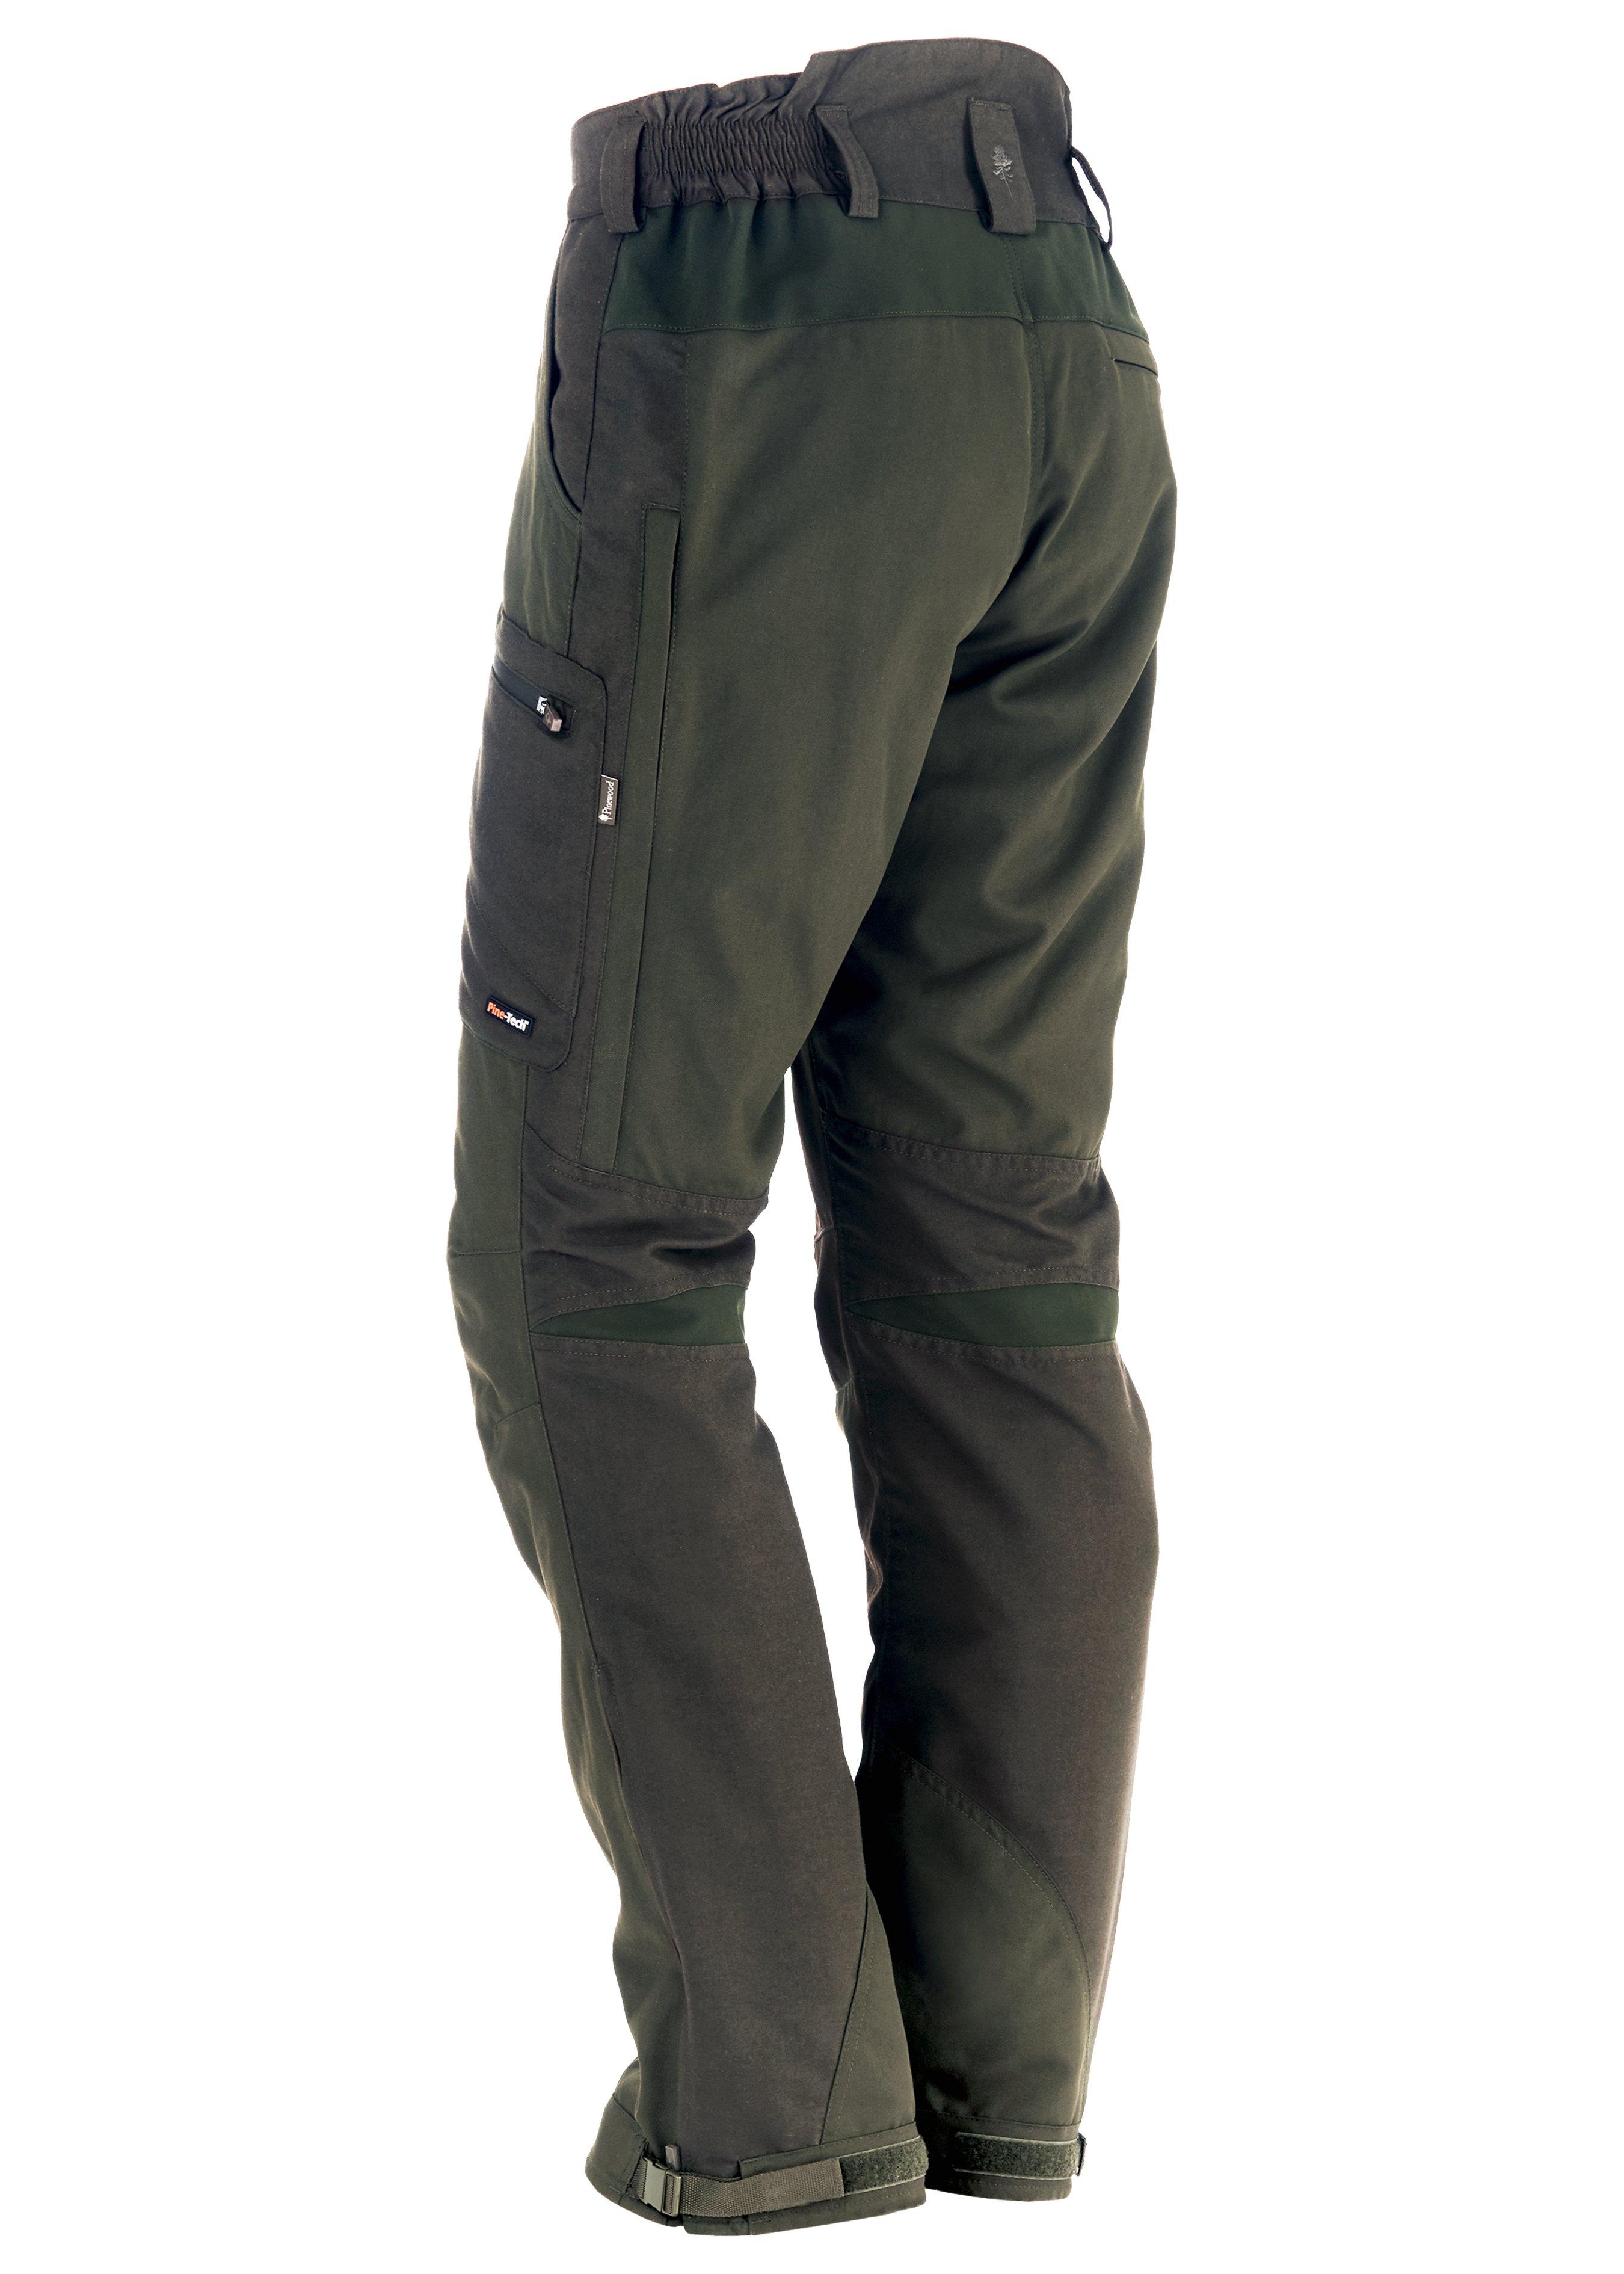 Pantalon de chasse Hunter Pro Extrem 2.0 (5891) 28392446 1